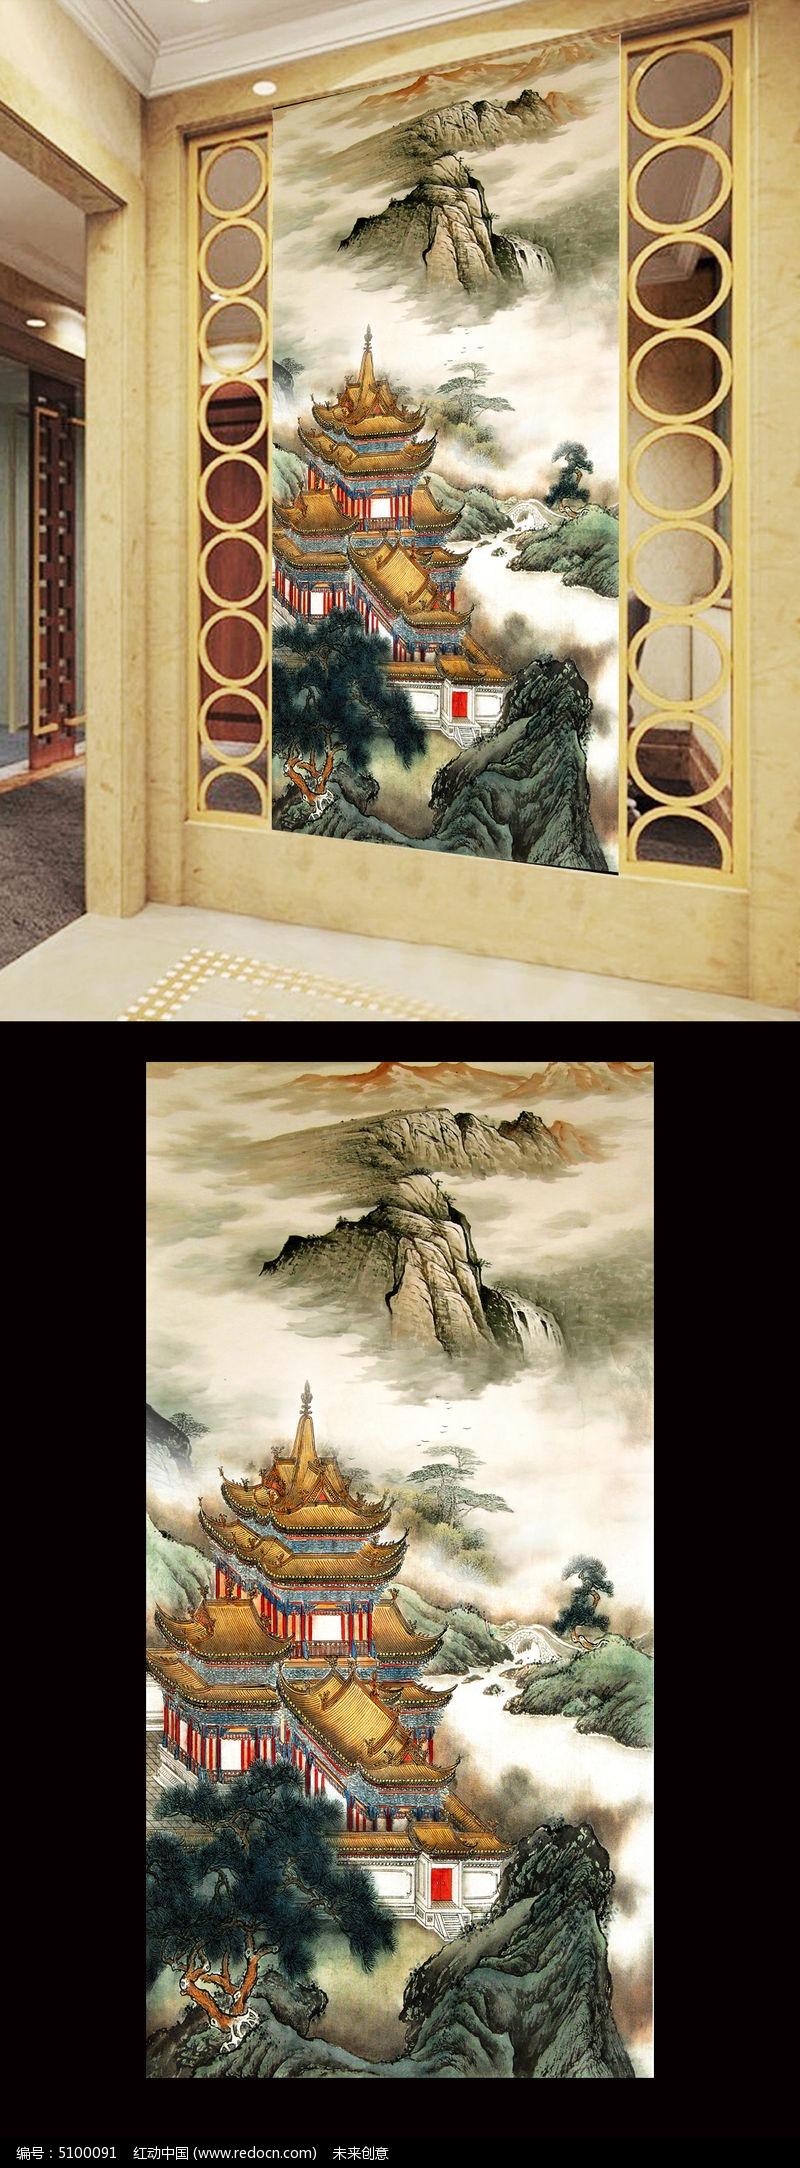 玄关背景墙 竖版 竖幅 竖式 竖图 背景画 室内装饰画 效果图片 中式